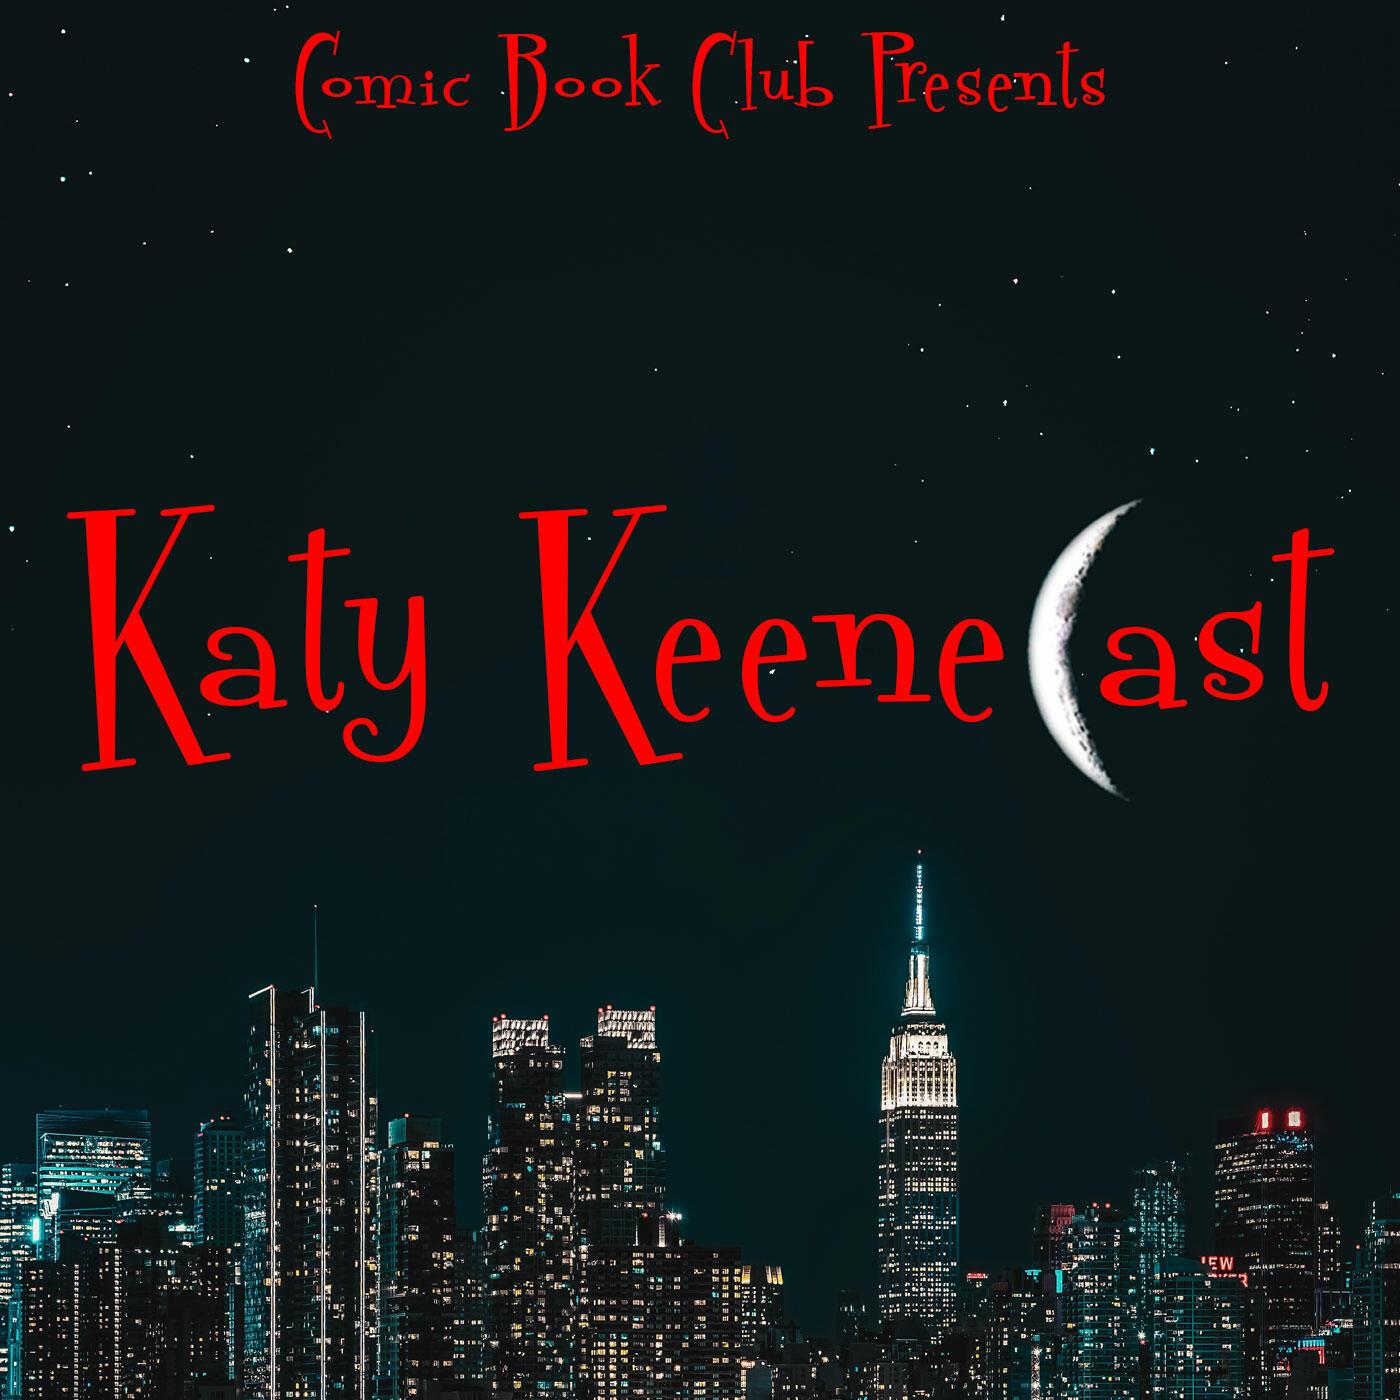 Katy KeeneCast: A Katy Keene Podcast